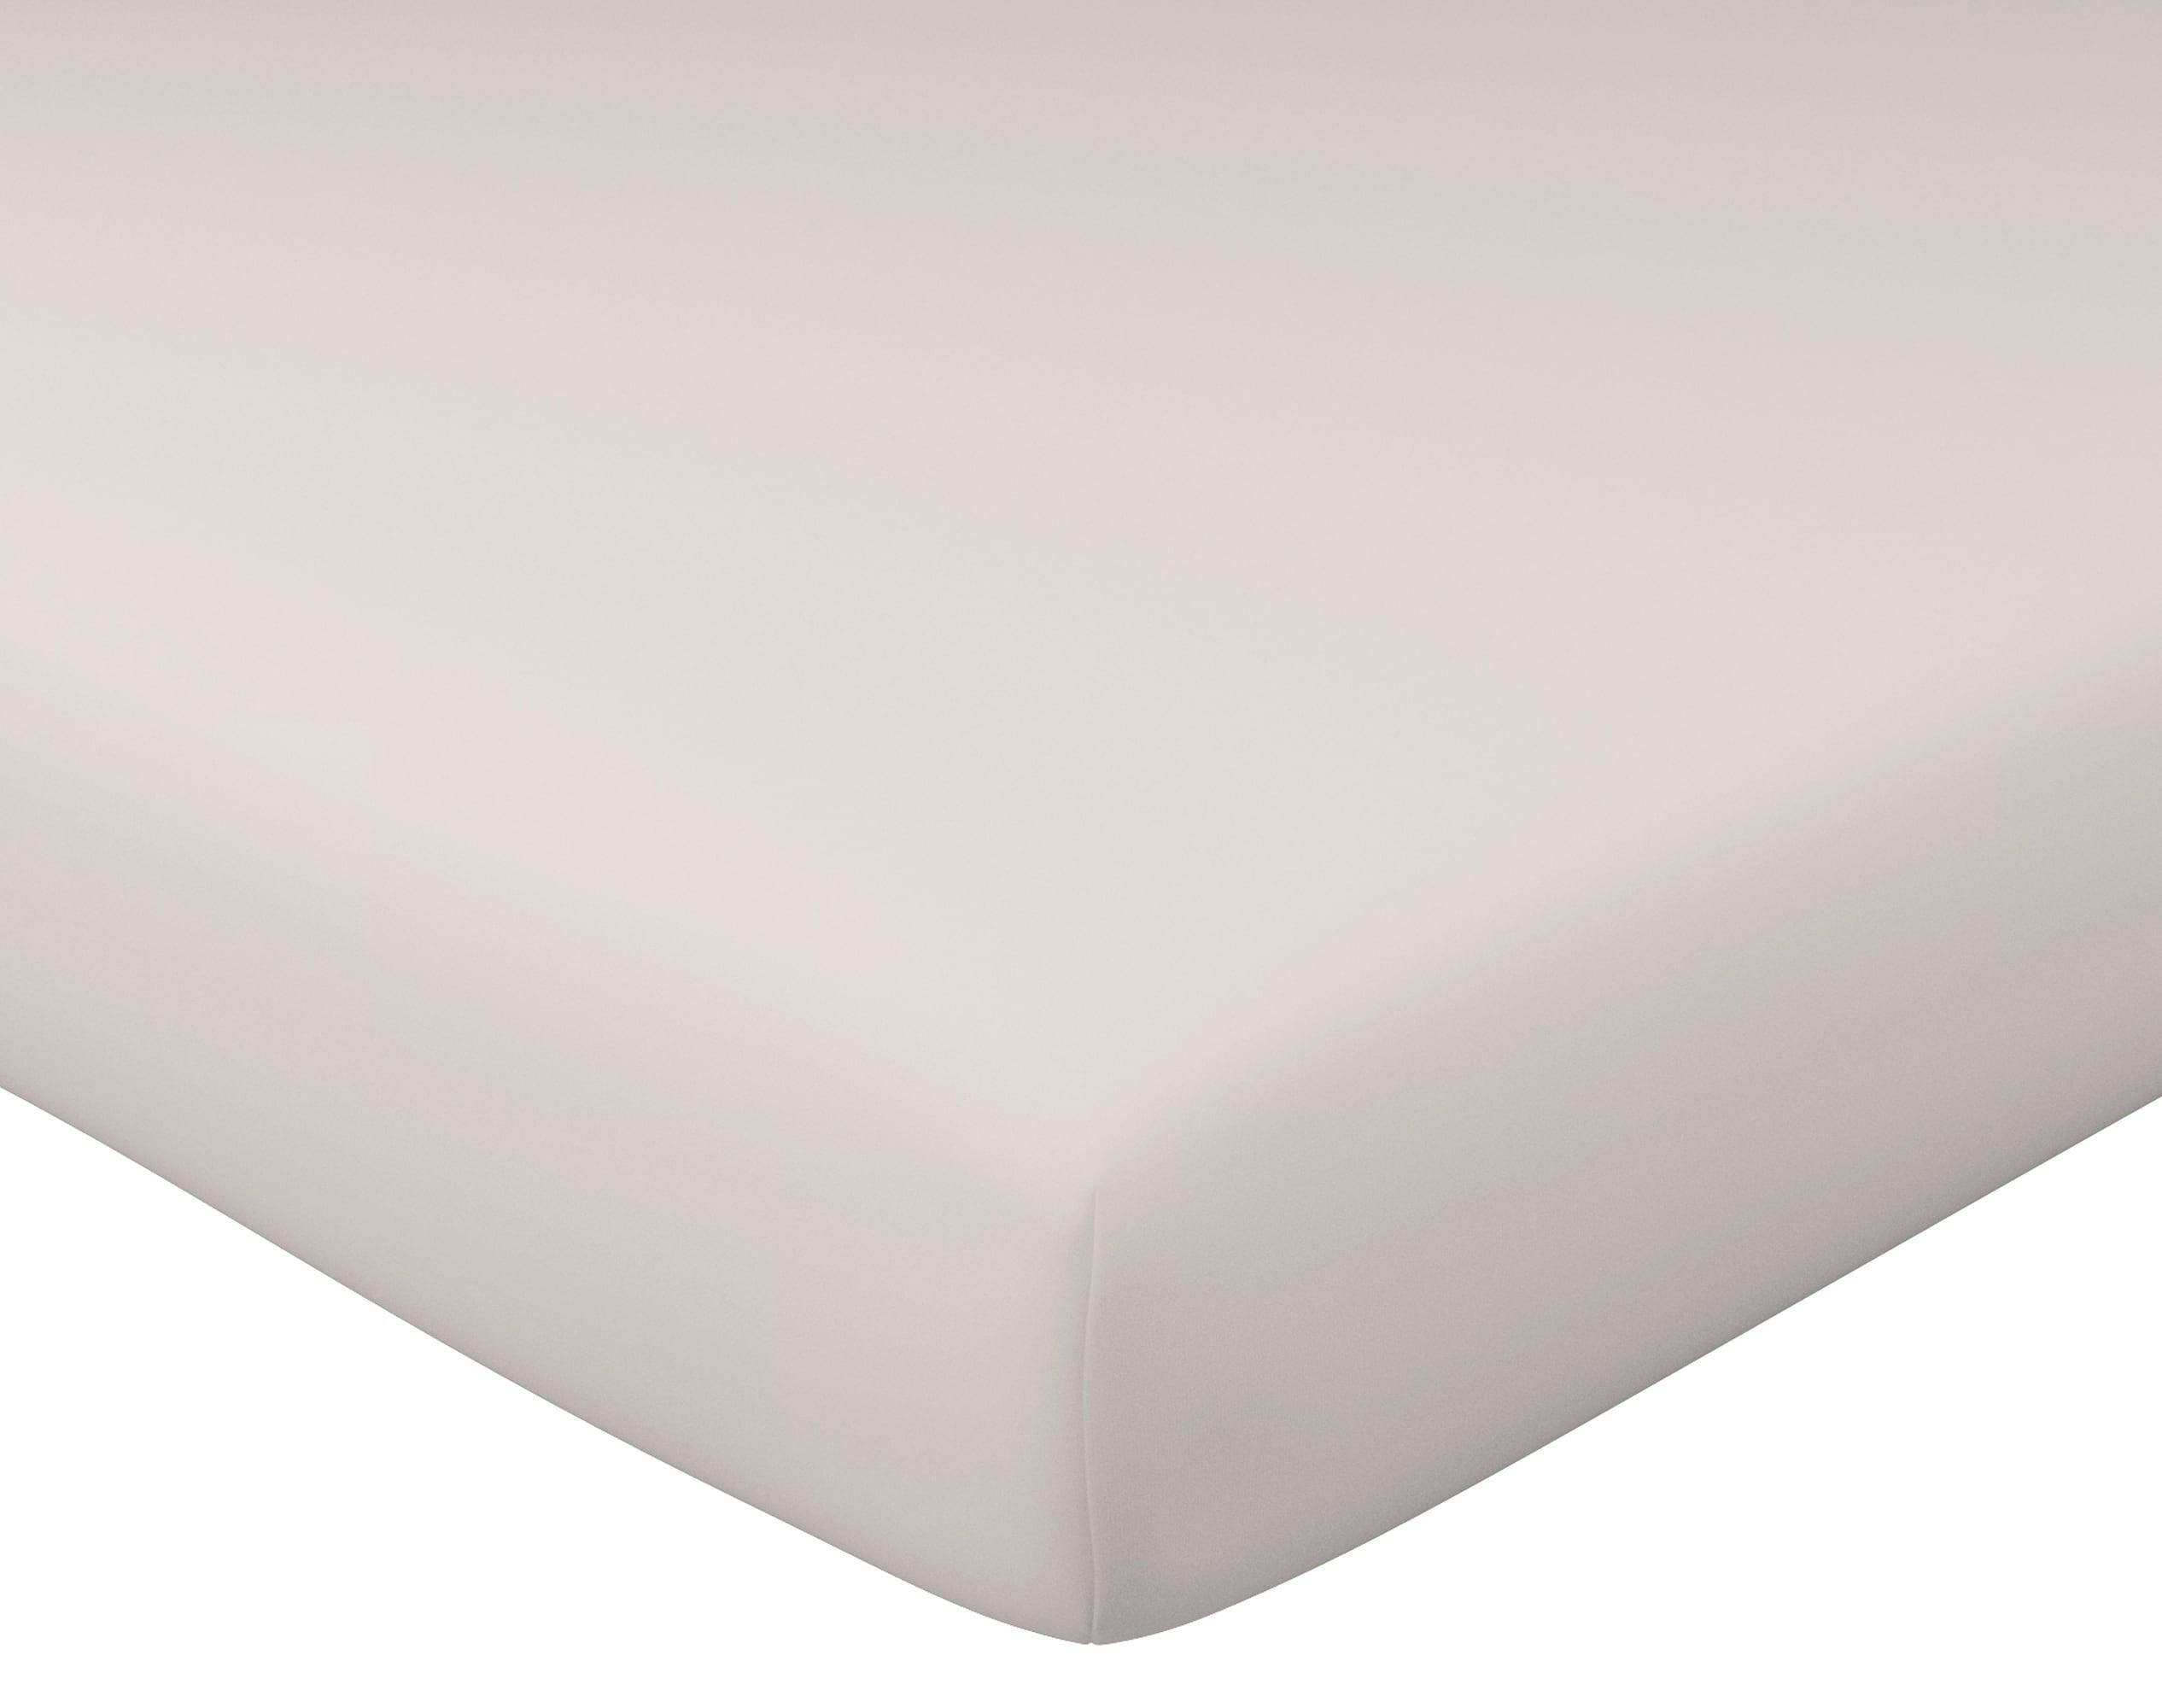 Drap-housse 140x190 en percale de coton  beige sable